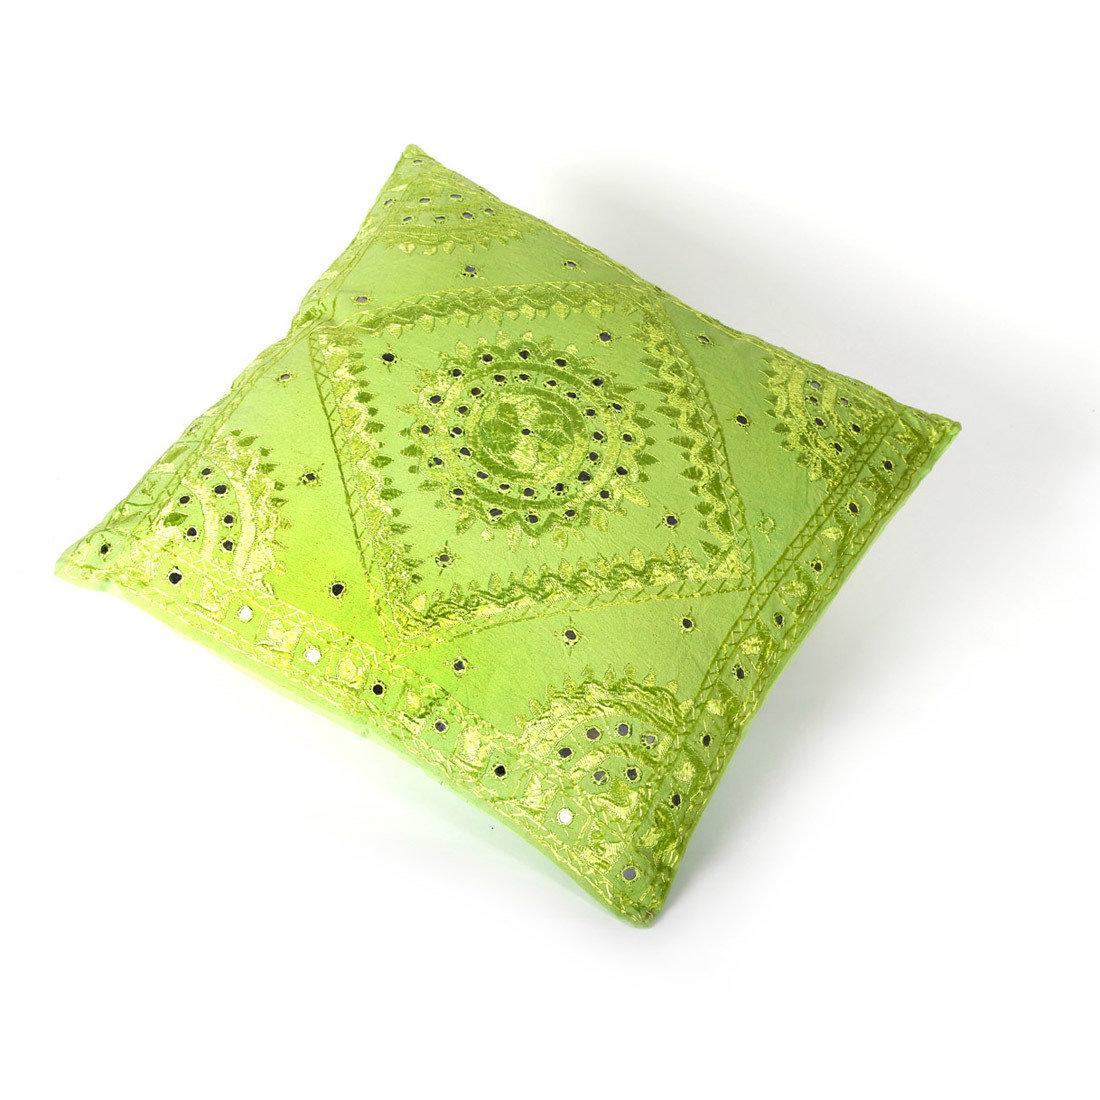 indiaas kussen - lime groen - met spiegeltjes